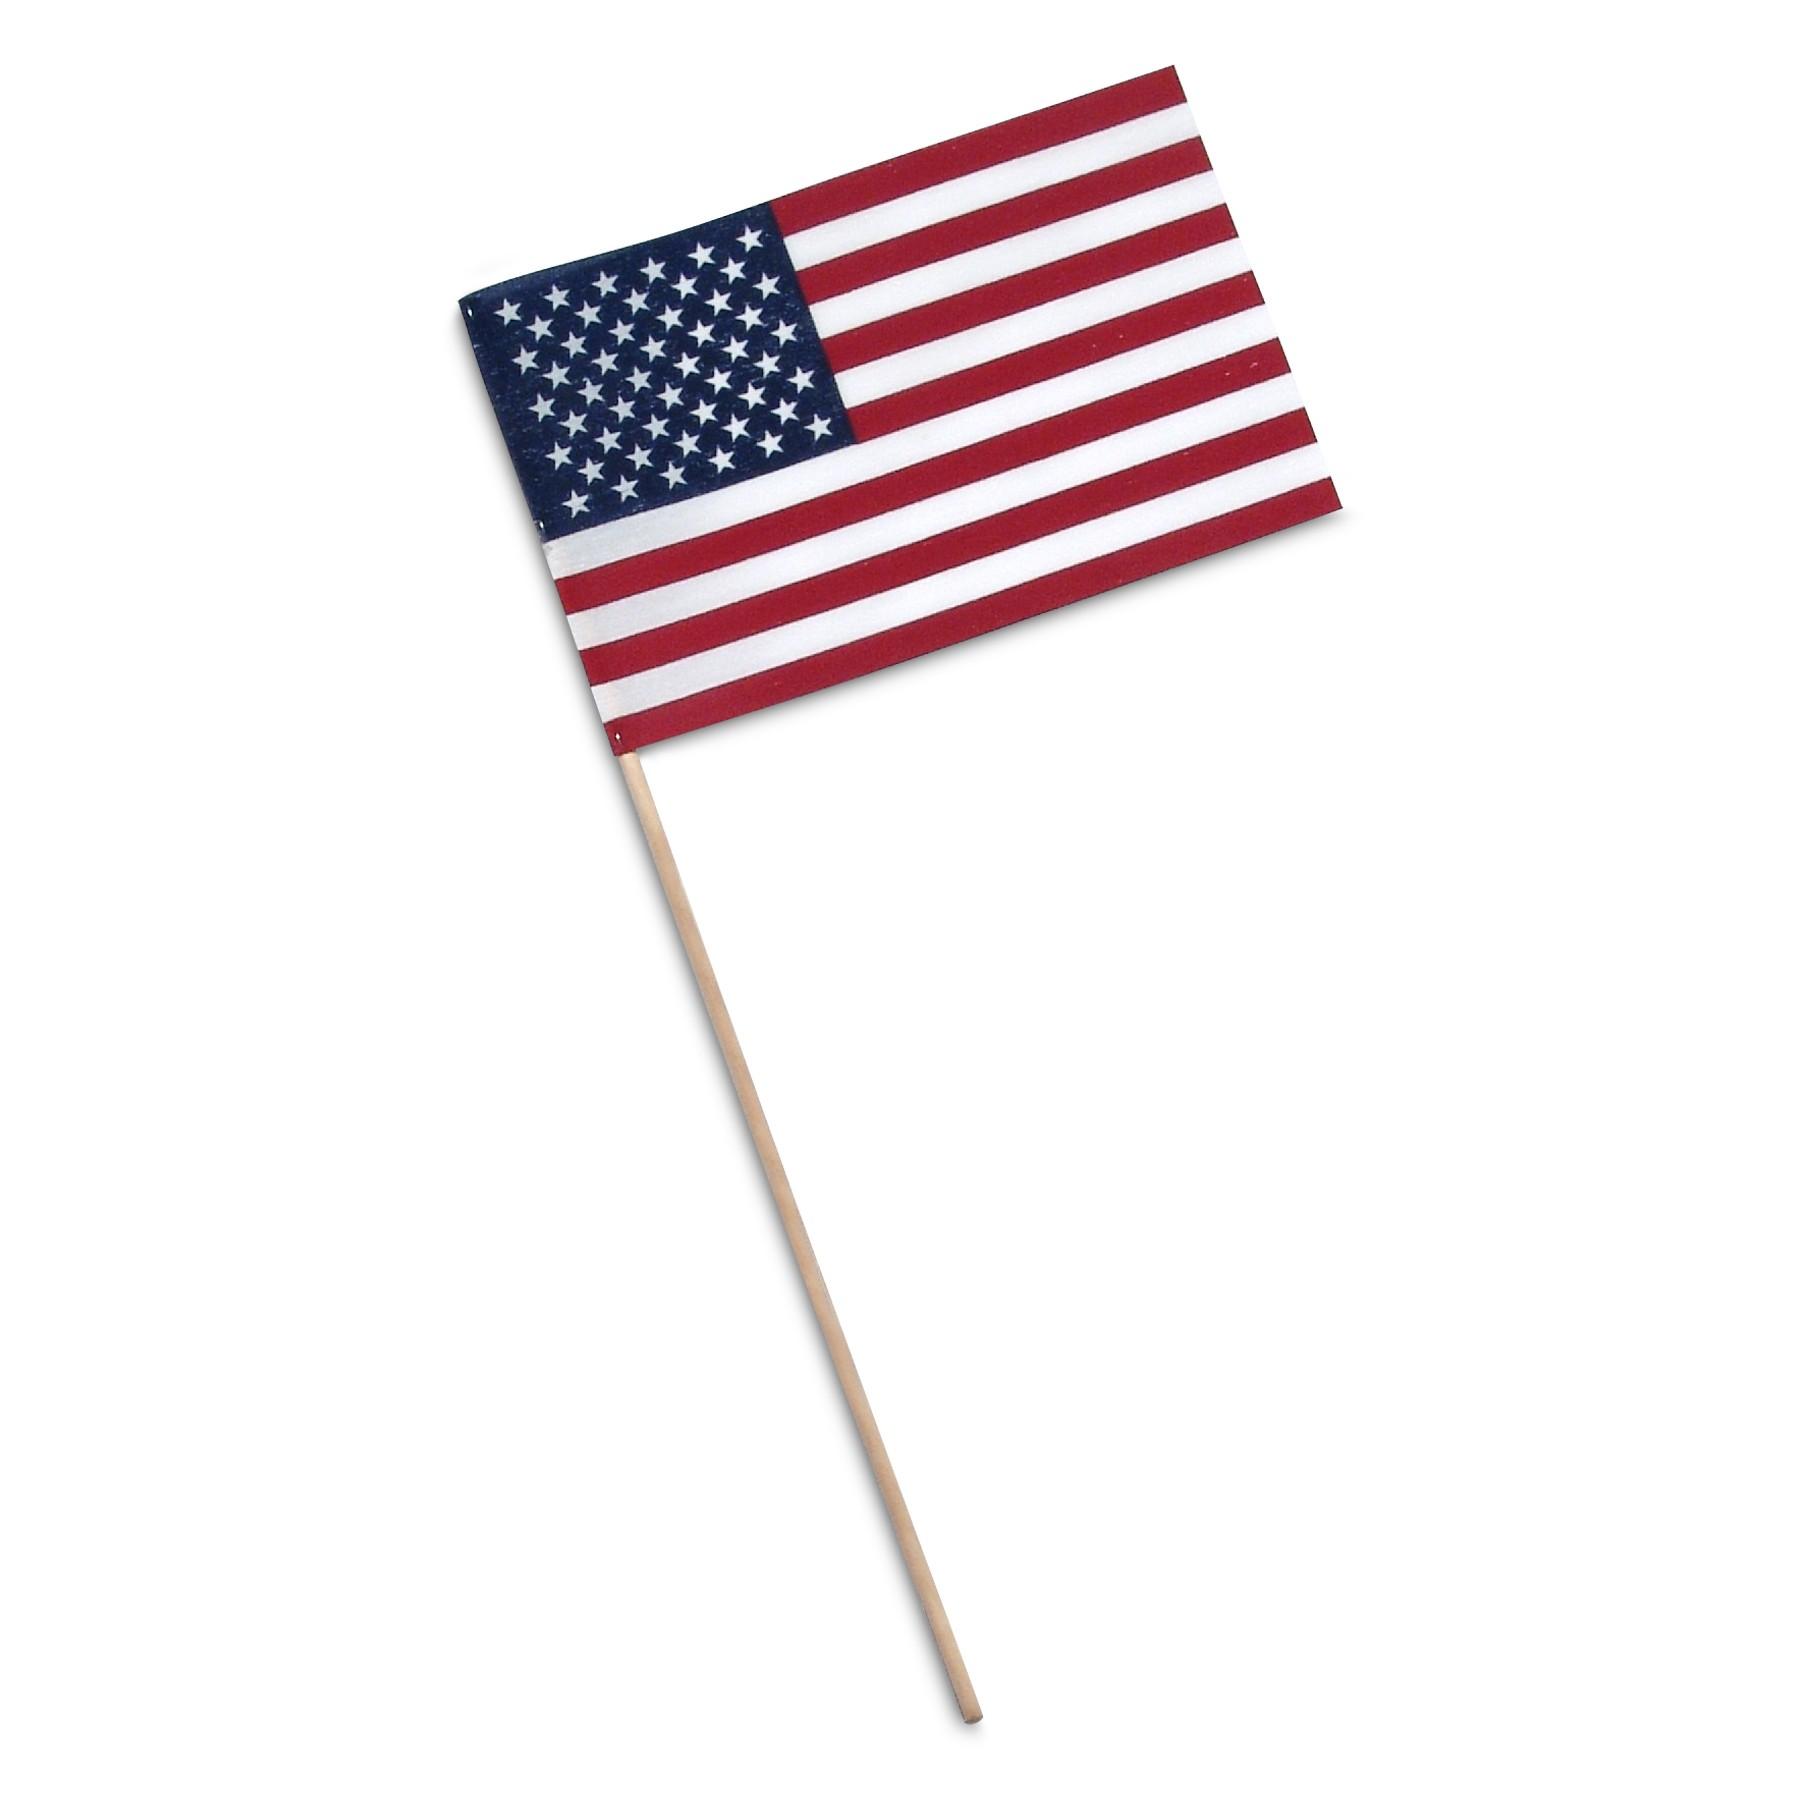 1800x1800 Handheld American Flags